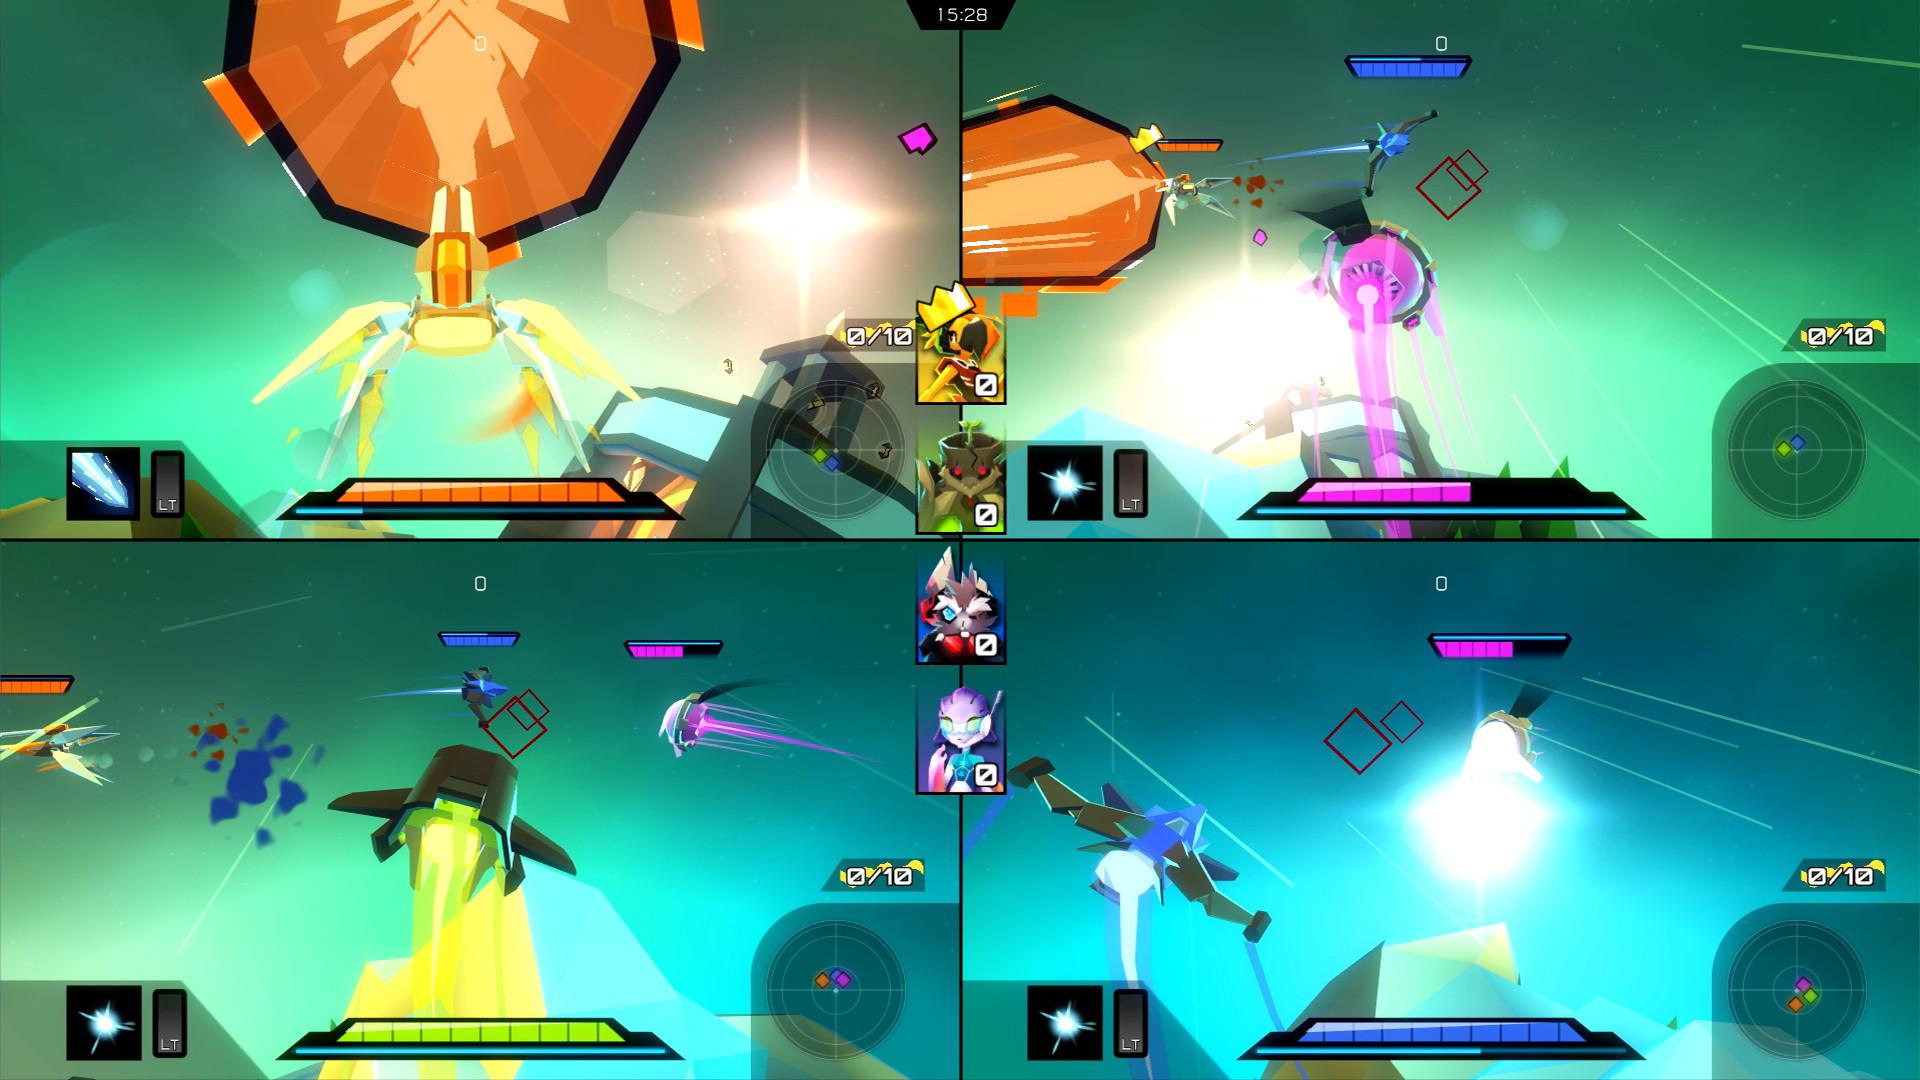 super-sky-arena-review-screenshot-3